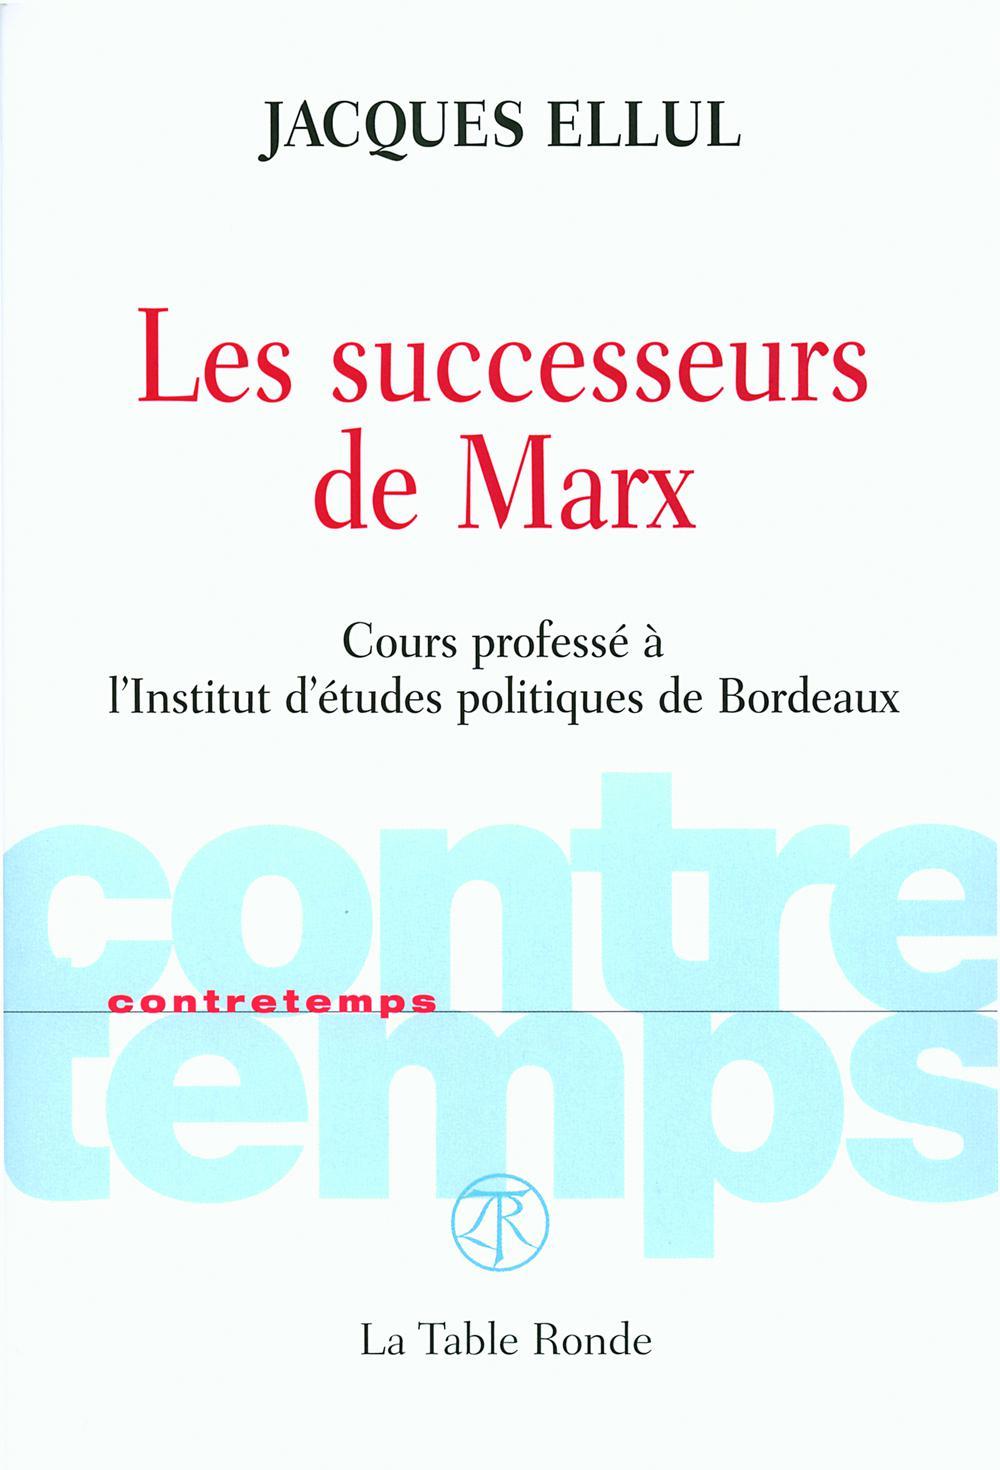 Les successeurs de Marx, Cours professé à l'Institut d'études politiques de Bordeaux